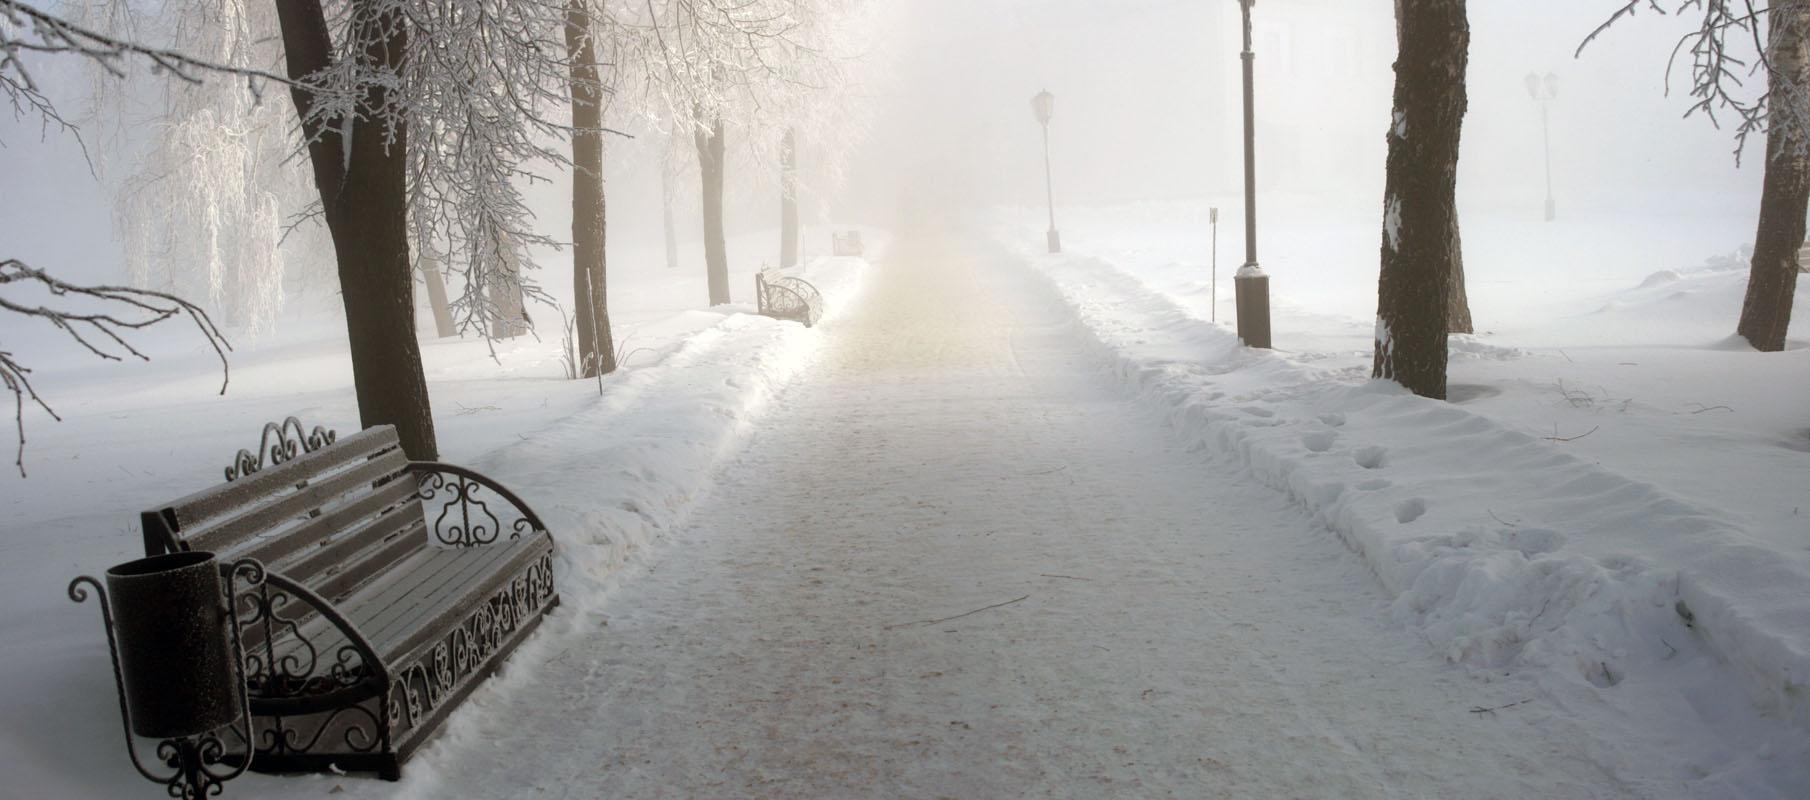 аллея, зима, иней, мороз, скамейка, туман,  утро